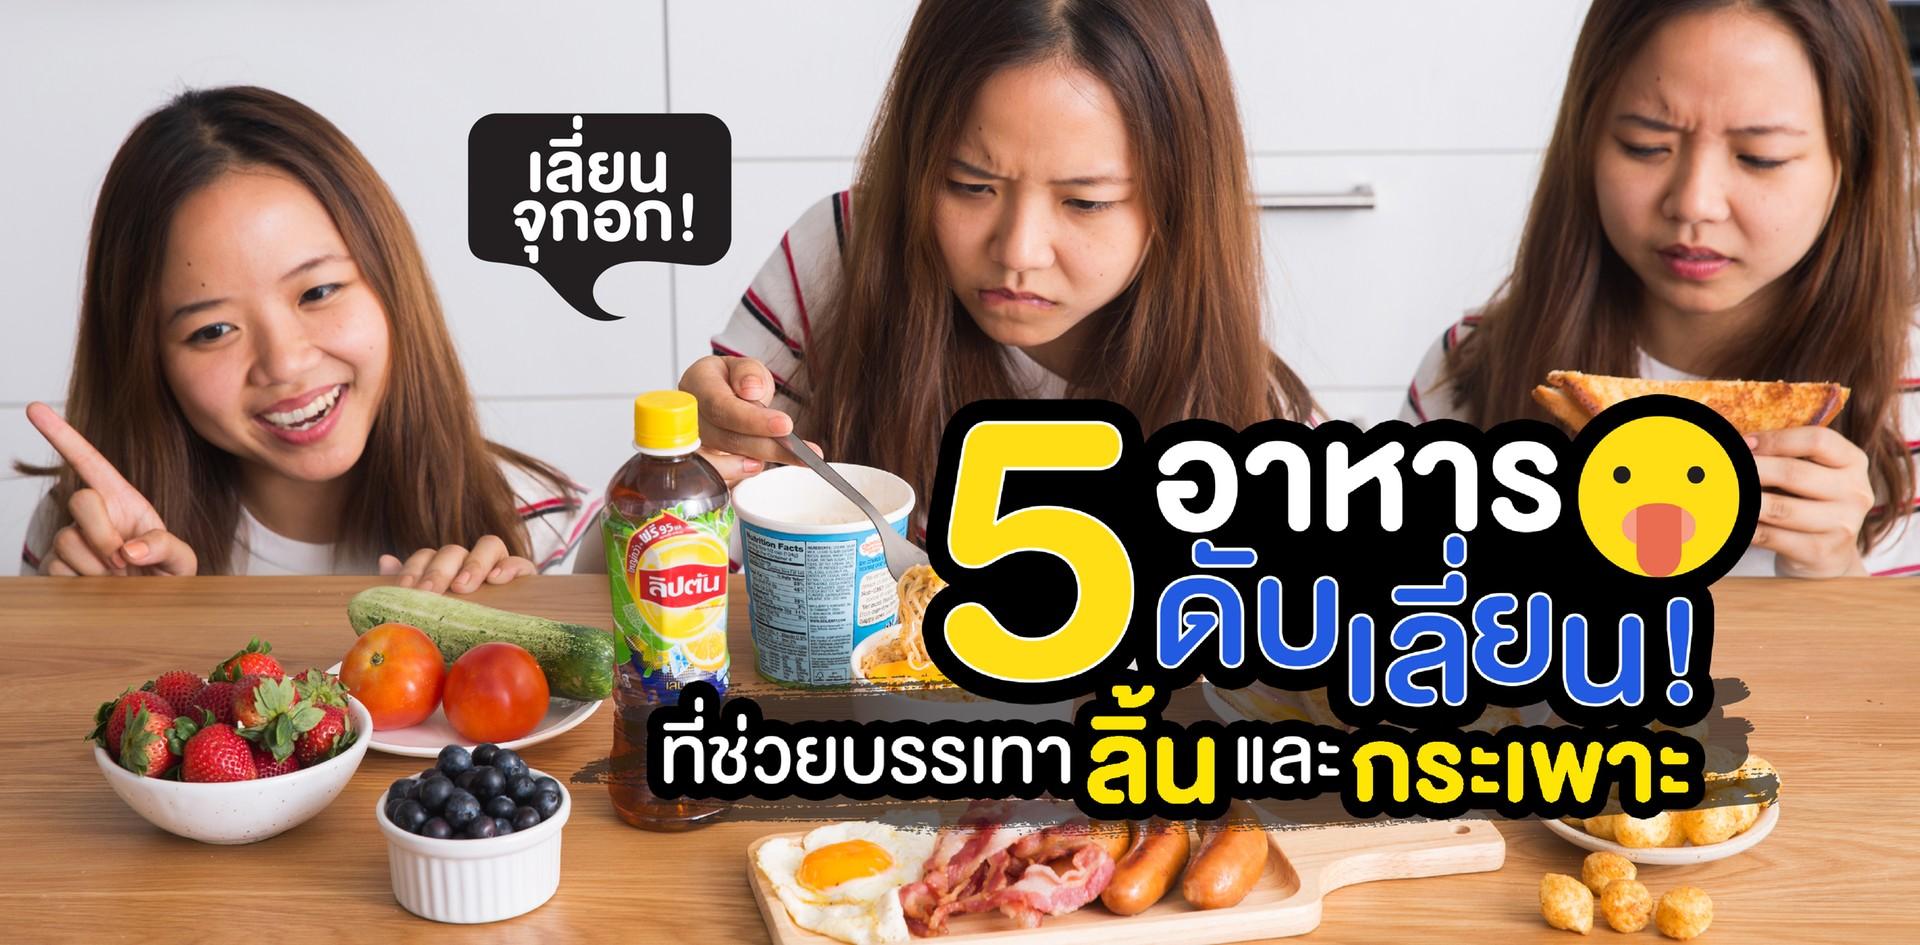 เลี่ยนจุกอก! 5 อาหารดับเลี่ยนที่จะช่วยบรรเทาลิ้นและกระเพาะ